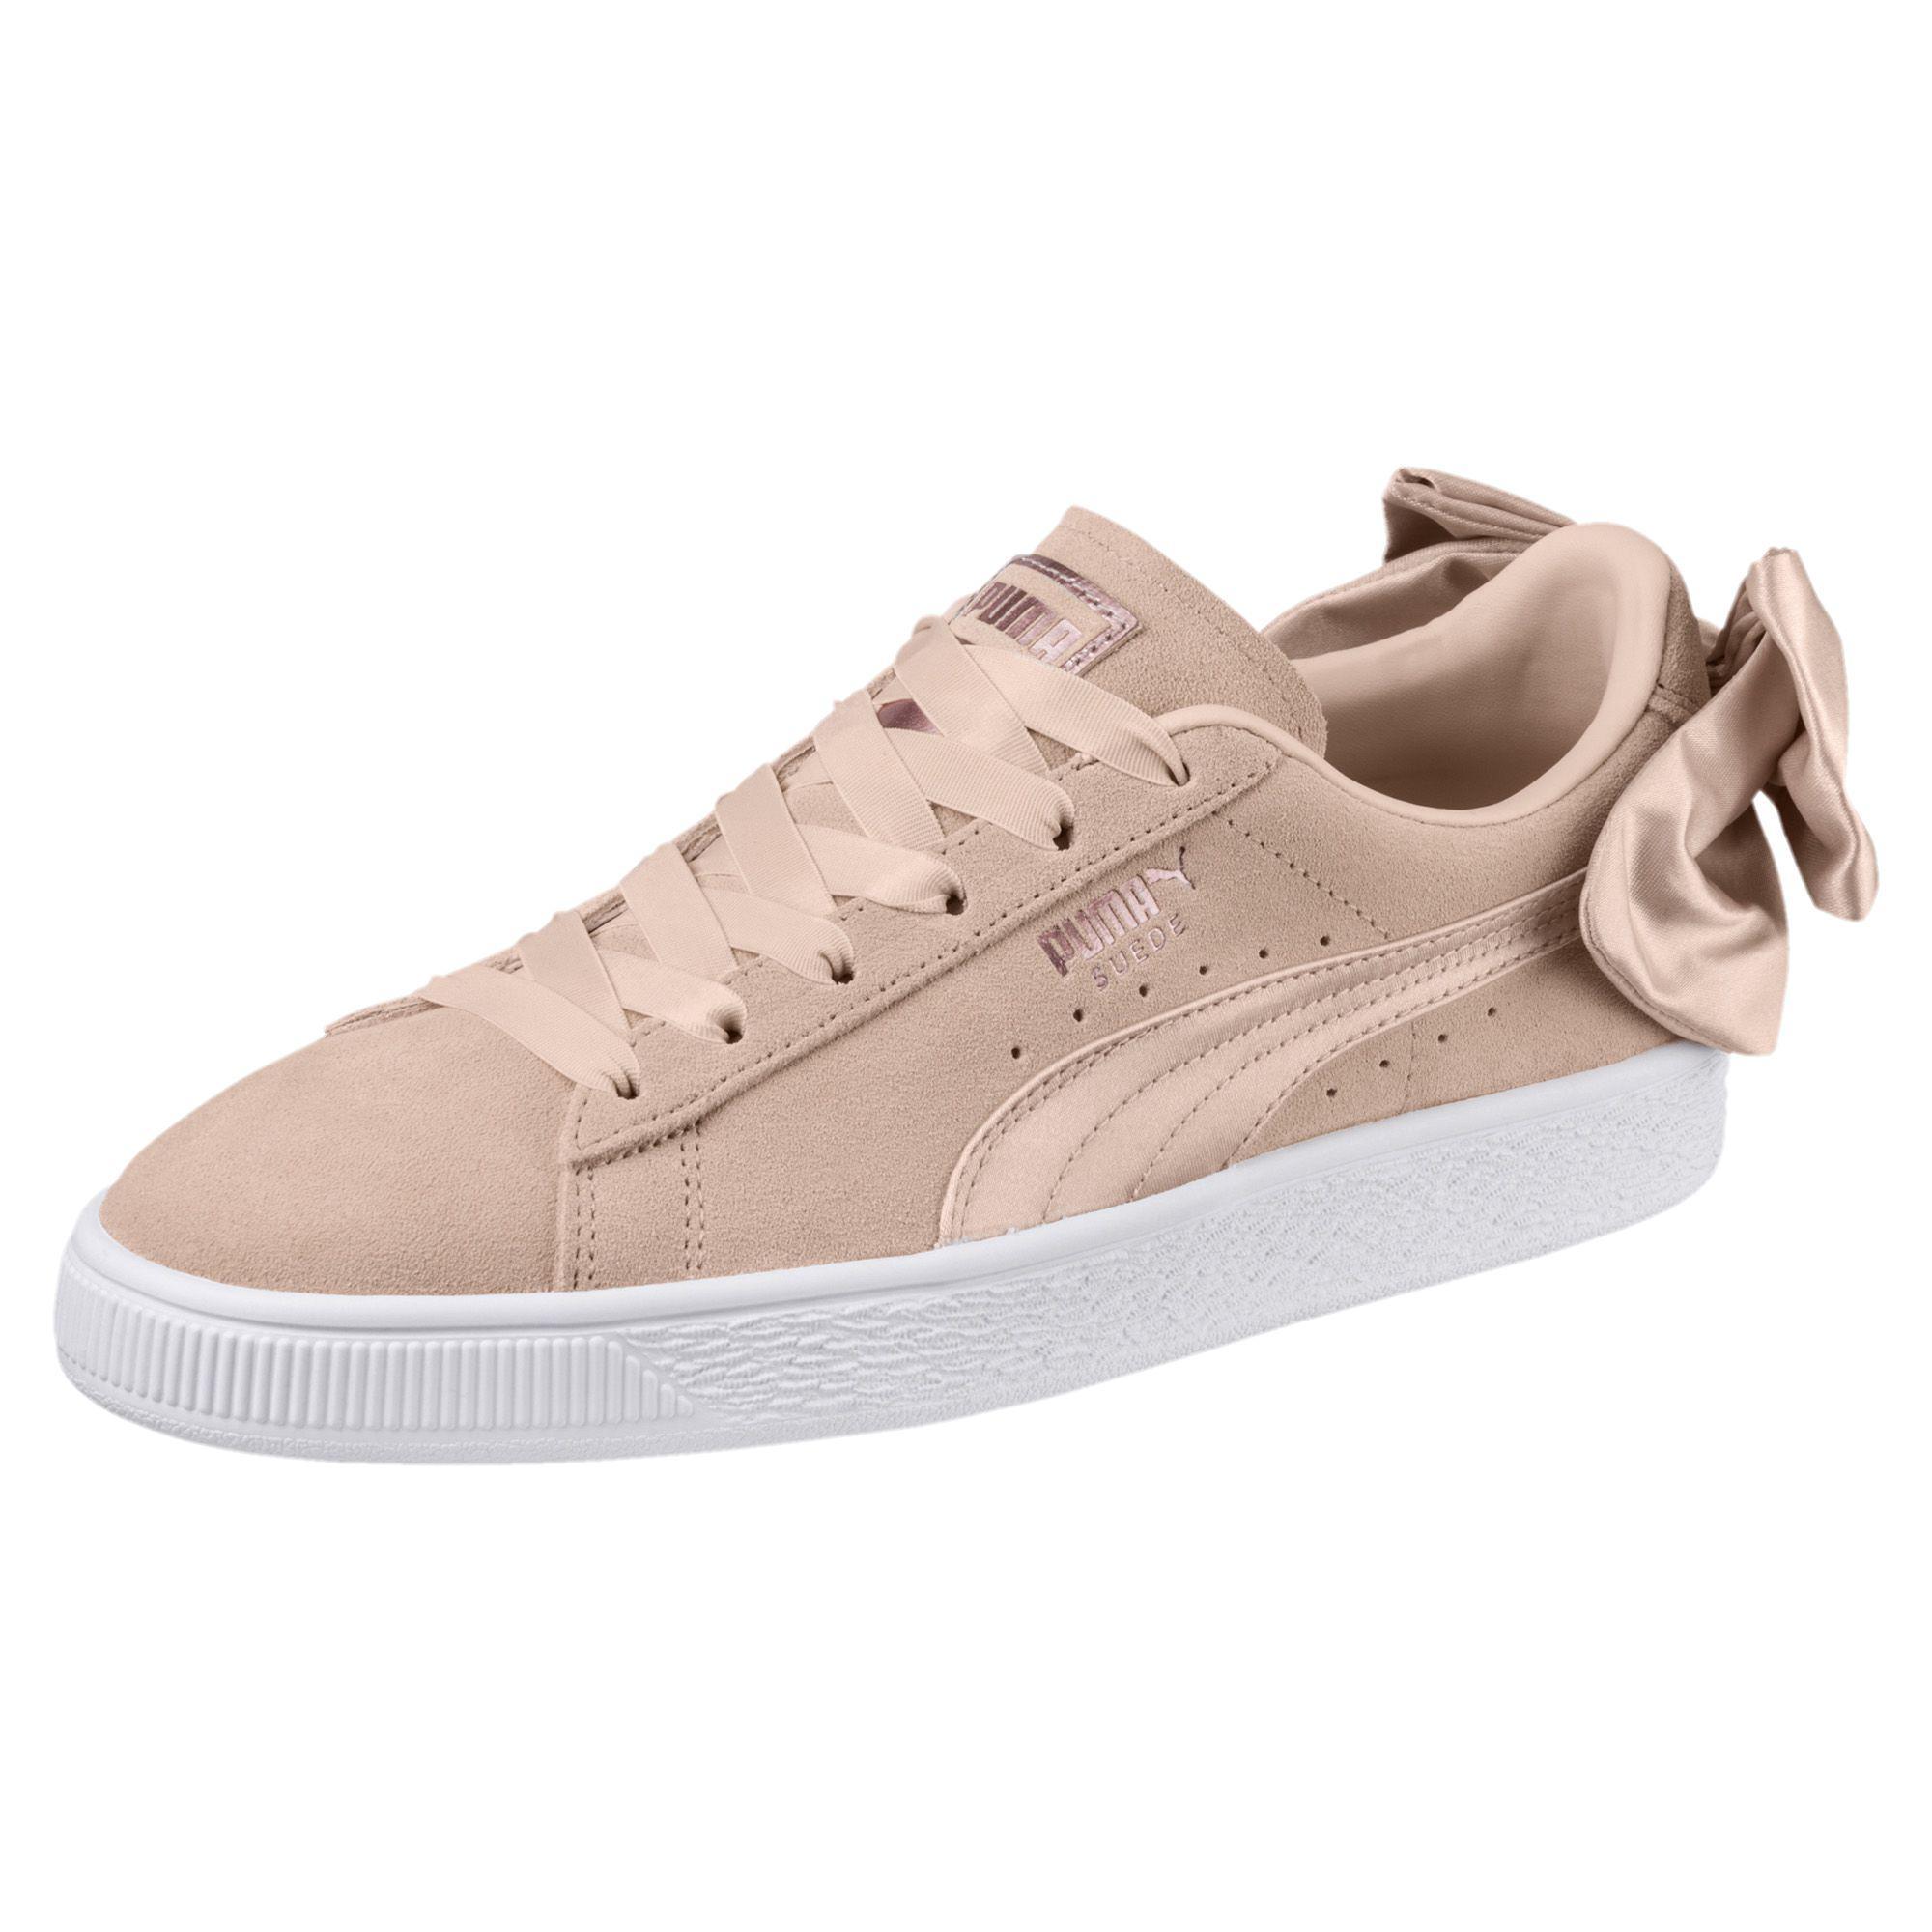 e5c89e666f61 Lyst - PUMA Suede Bow Valentine Women s Sneakers